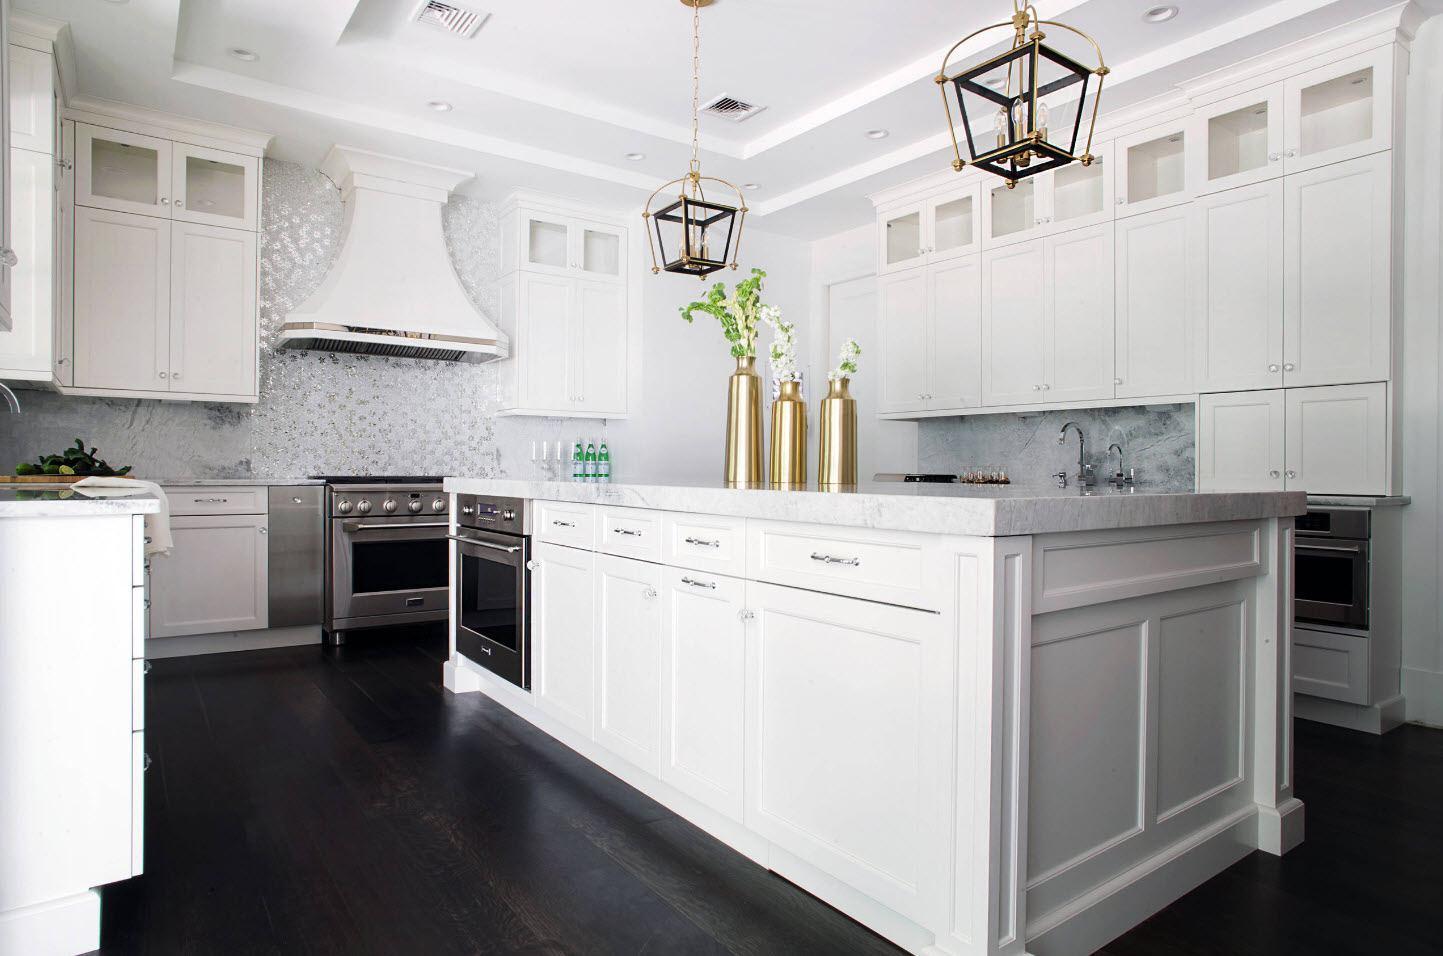 хороший трюк, красивая белая кухня фото оформлению тарт